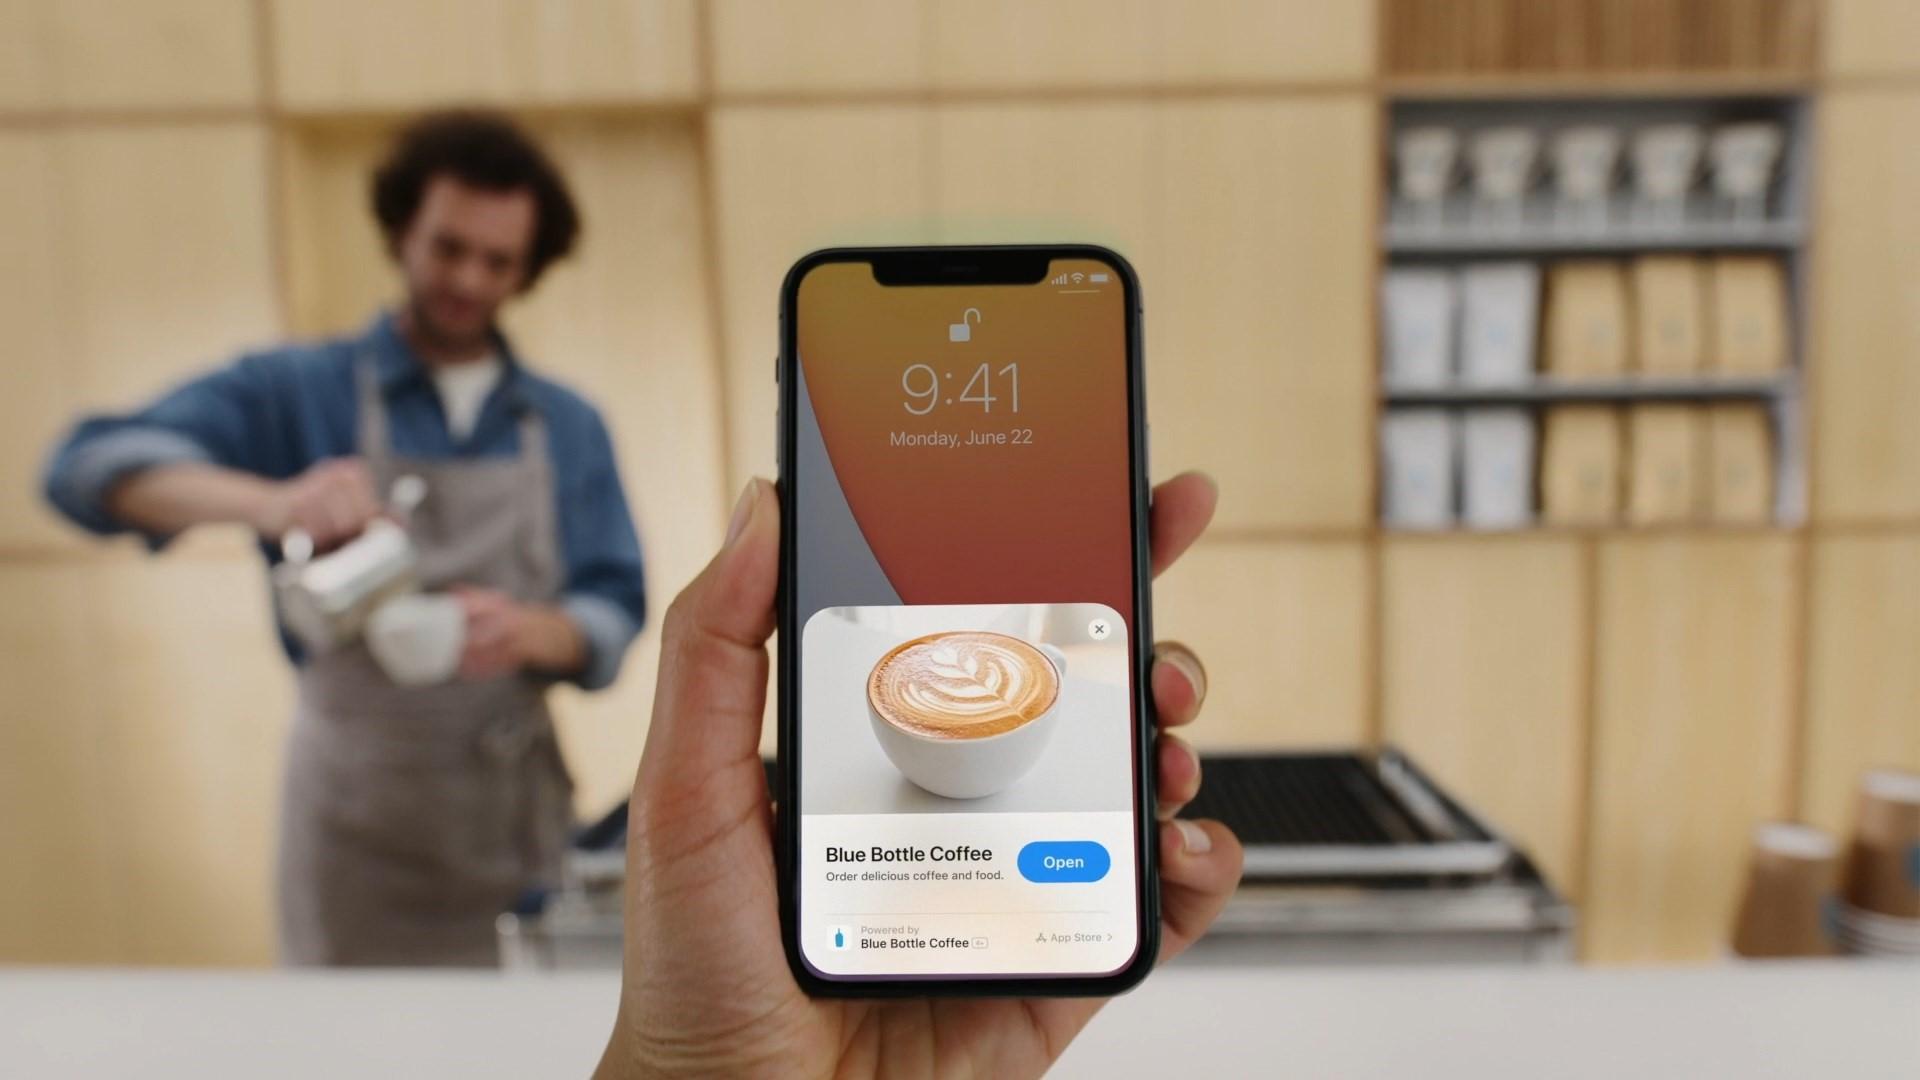 App Clips iOS14